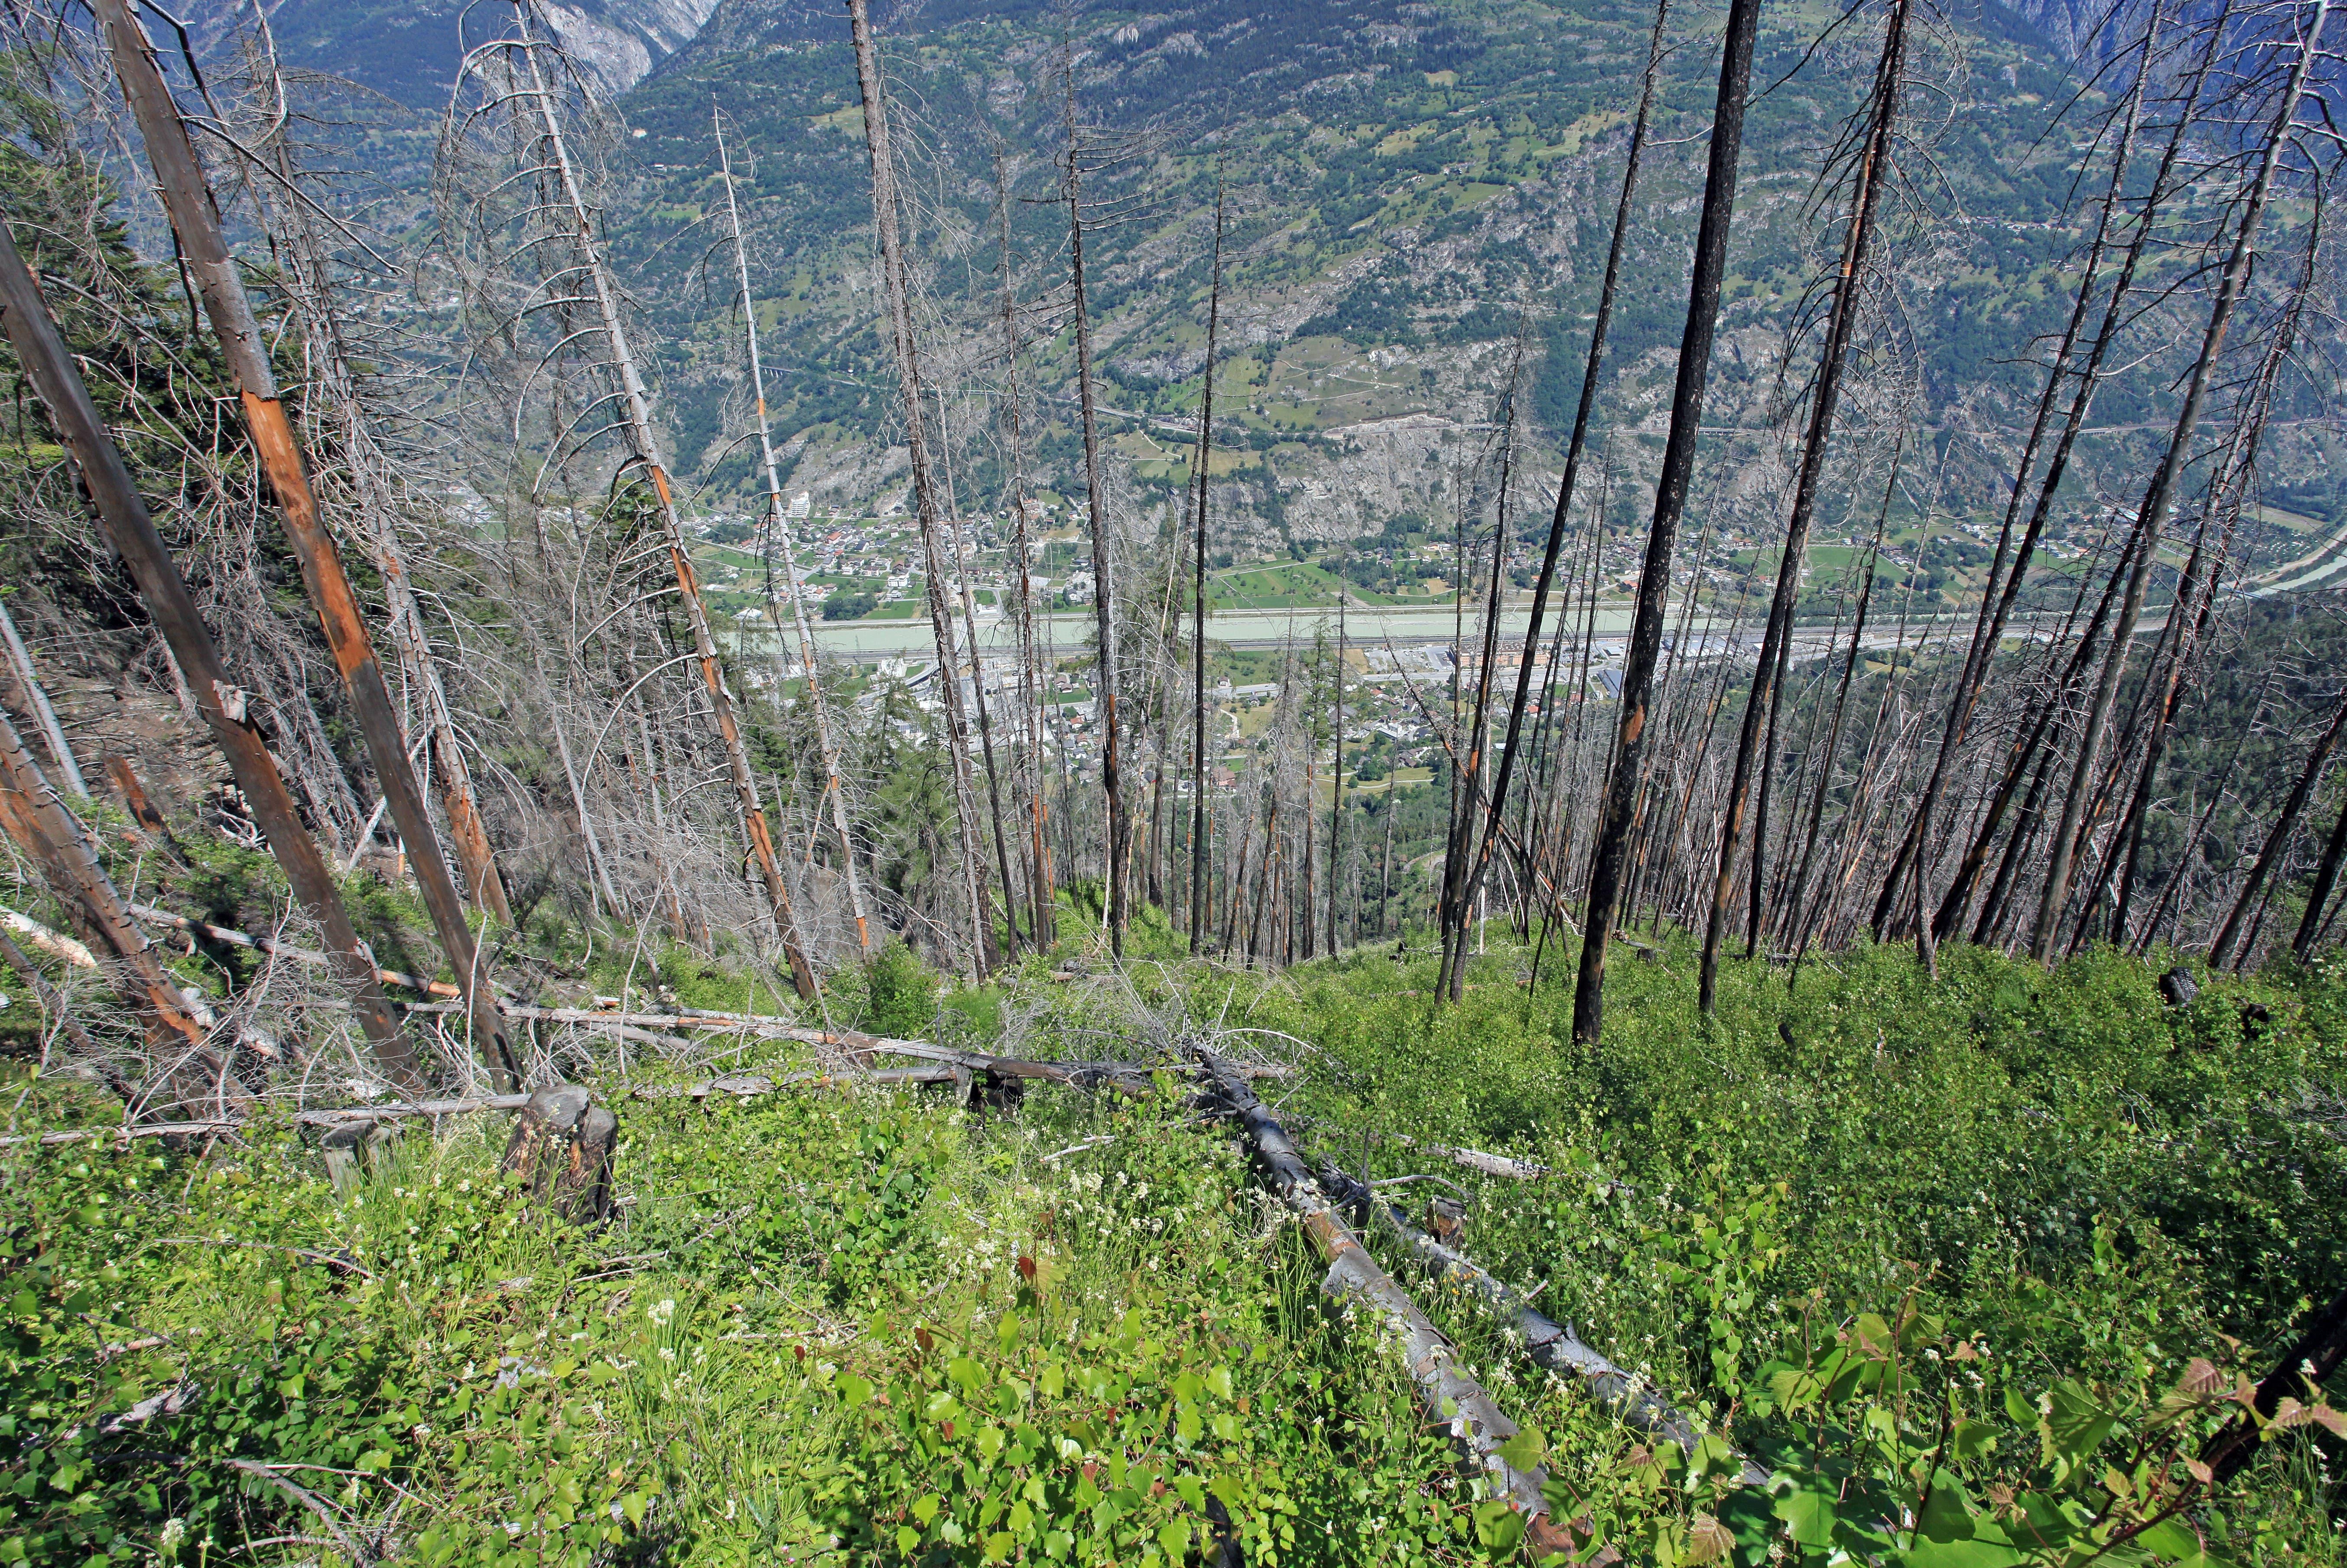 Tote Bäume im wieder grünen Waldboden. Unten das Rhonetal.